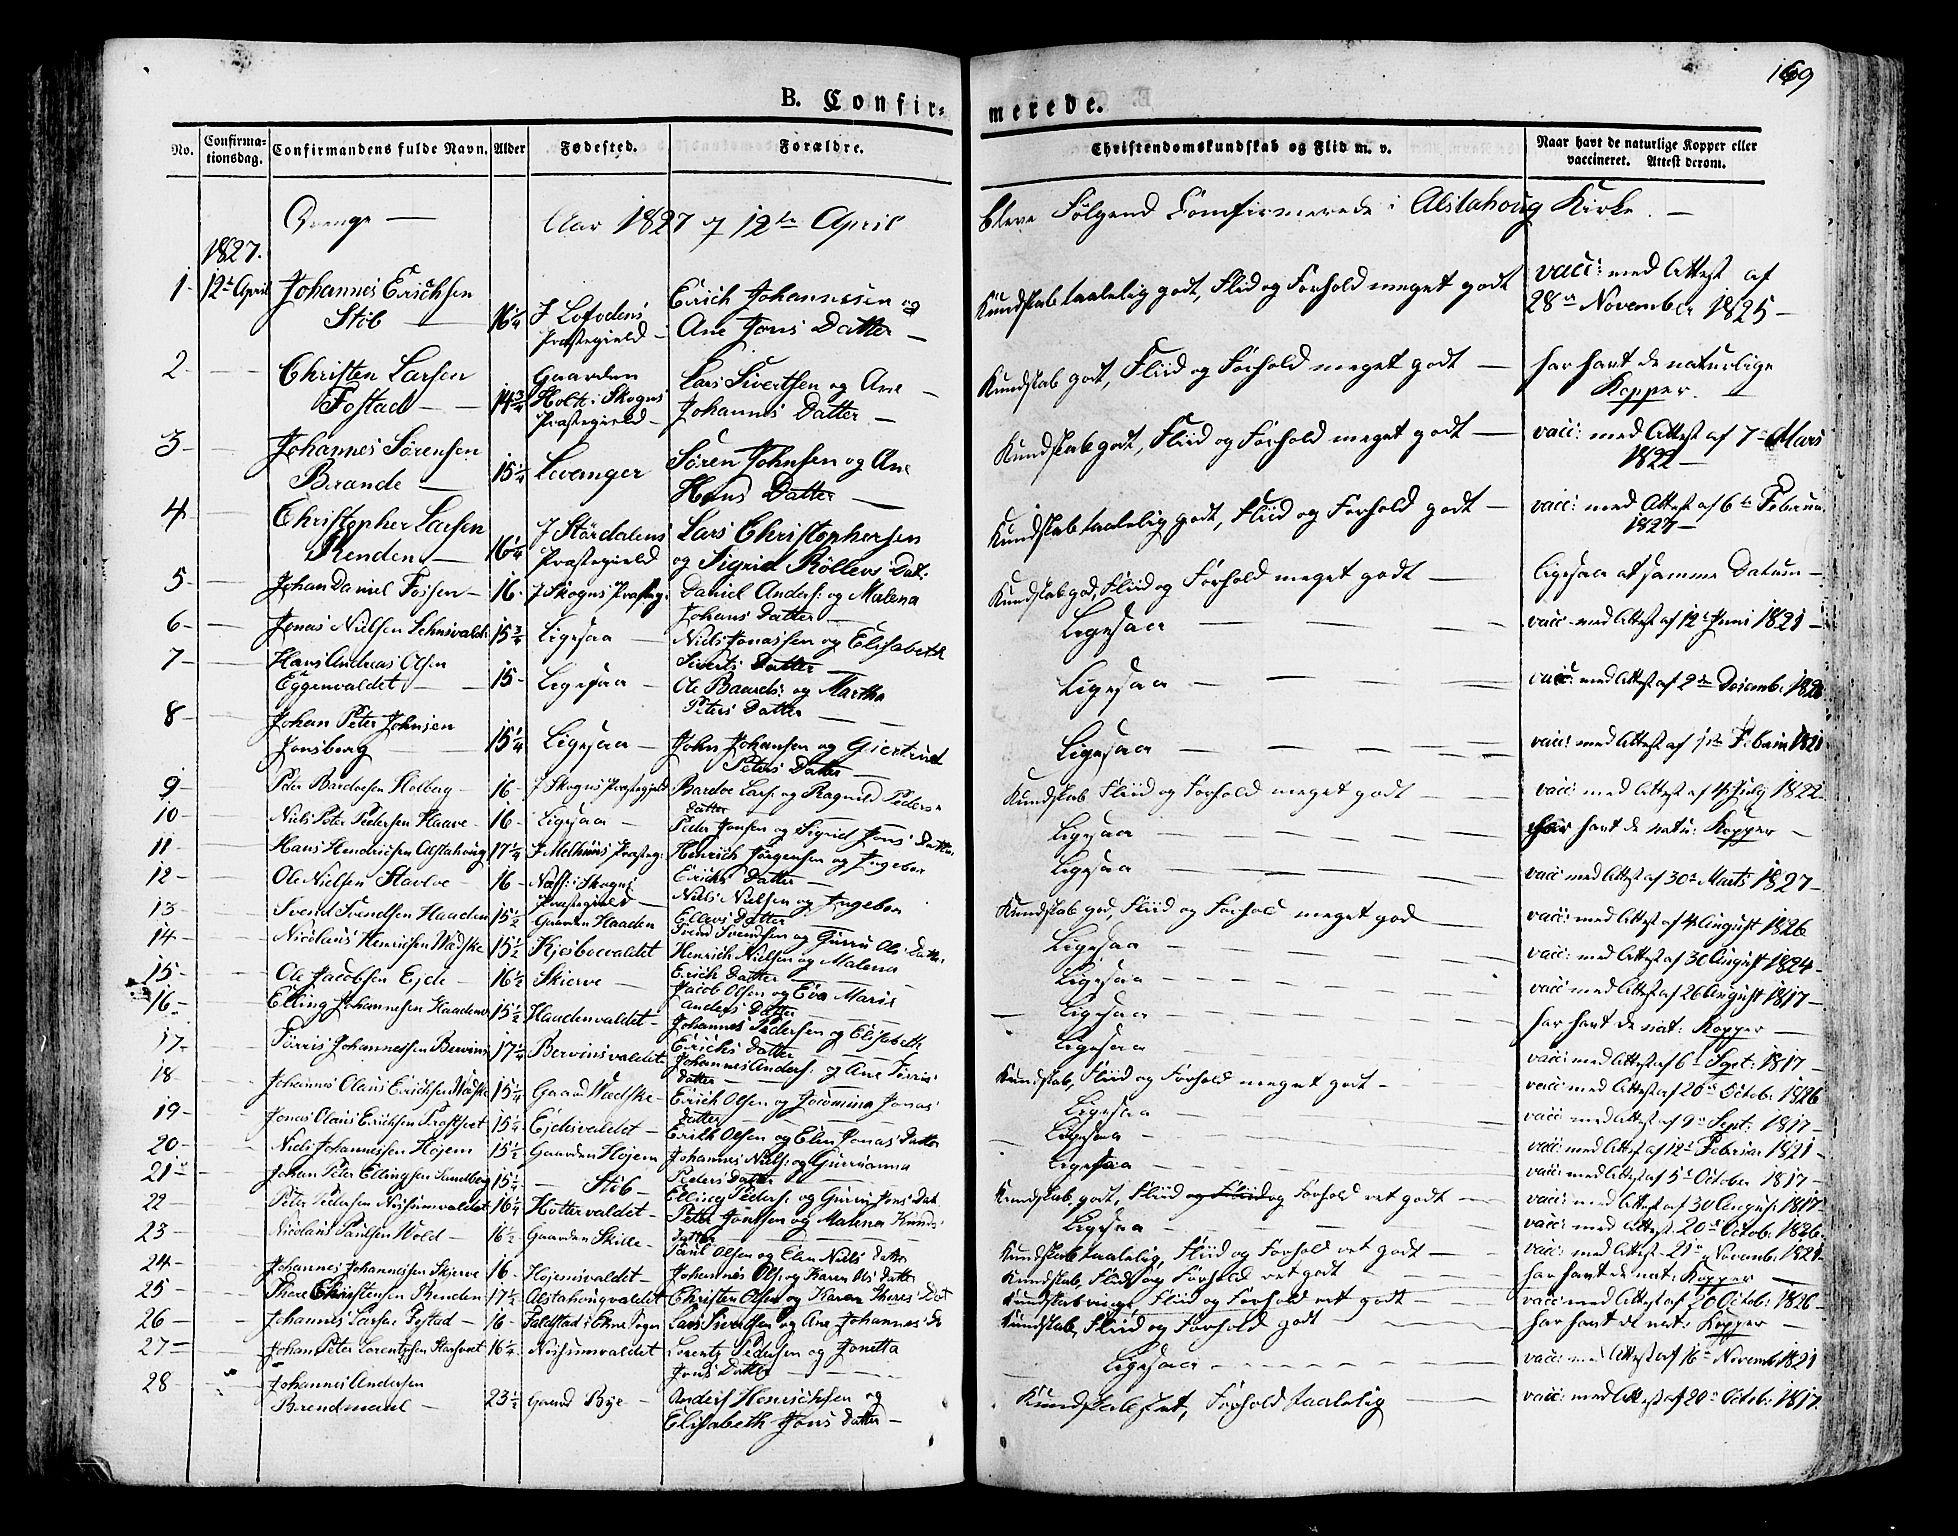 SAT, Ministerialprotokoller, klokkerbøker og fødselsregistre - Nord-Trøndelag, 717/L0152: Ministerialbok nr. 717A05 /1, 1825-1836, s. 169